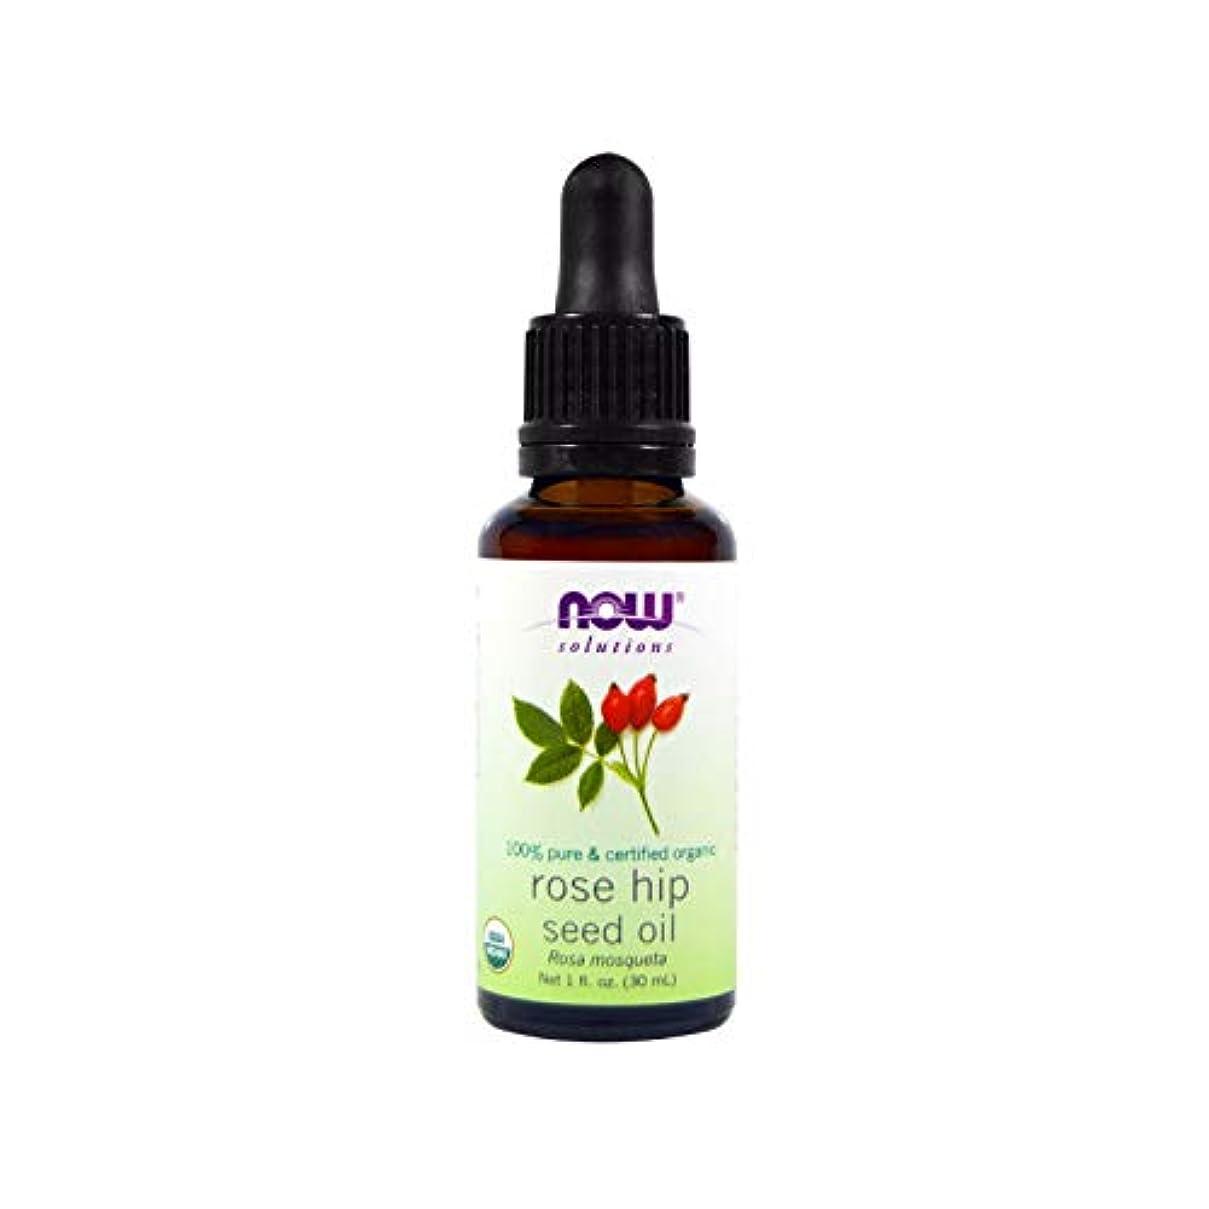 やめる項目接ぎ木Certified Organic Rose Hip Seed Oil, 1 fl oz (30 ml) 海外直送品